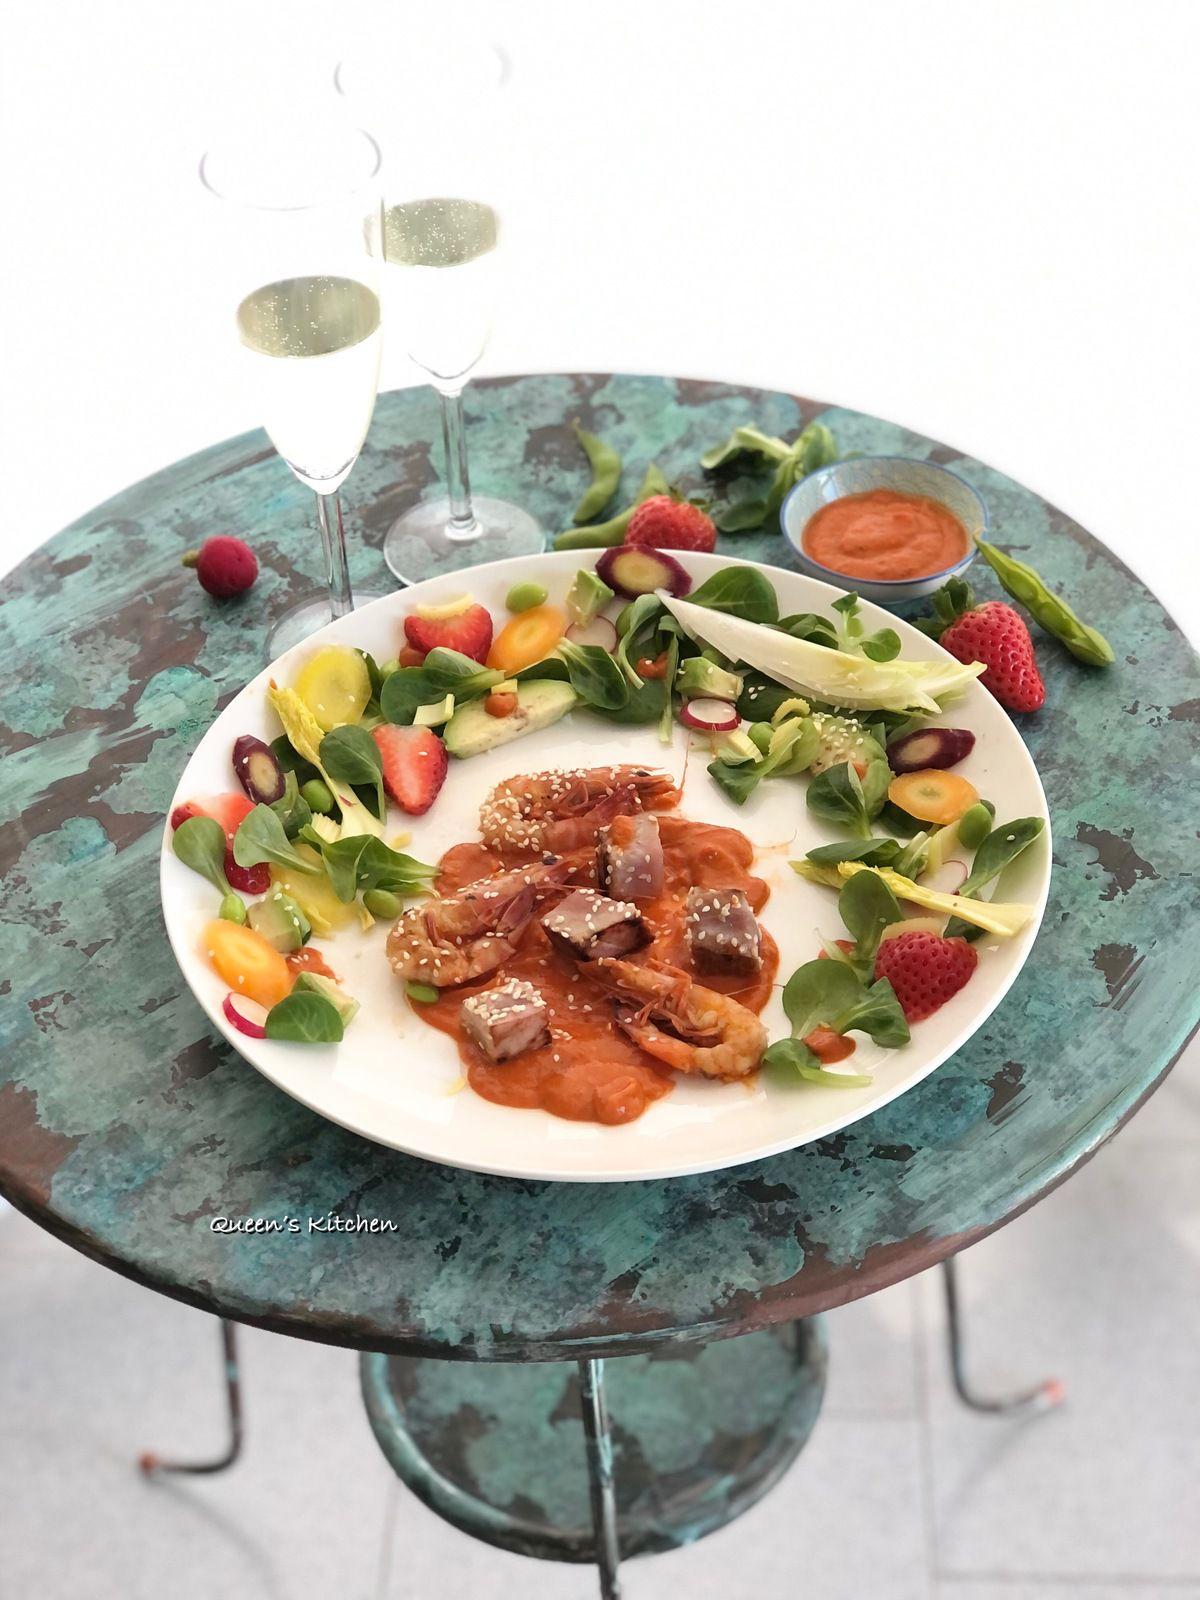 Questa è una delle ricette che ho realizzato per il Menù di Primavera in collaborazione con Cirio.